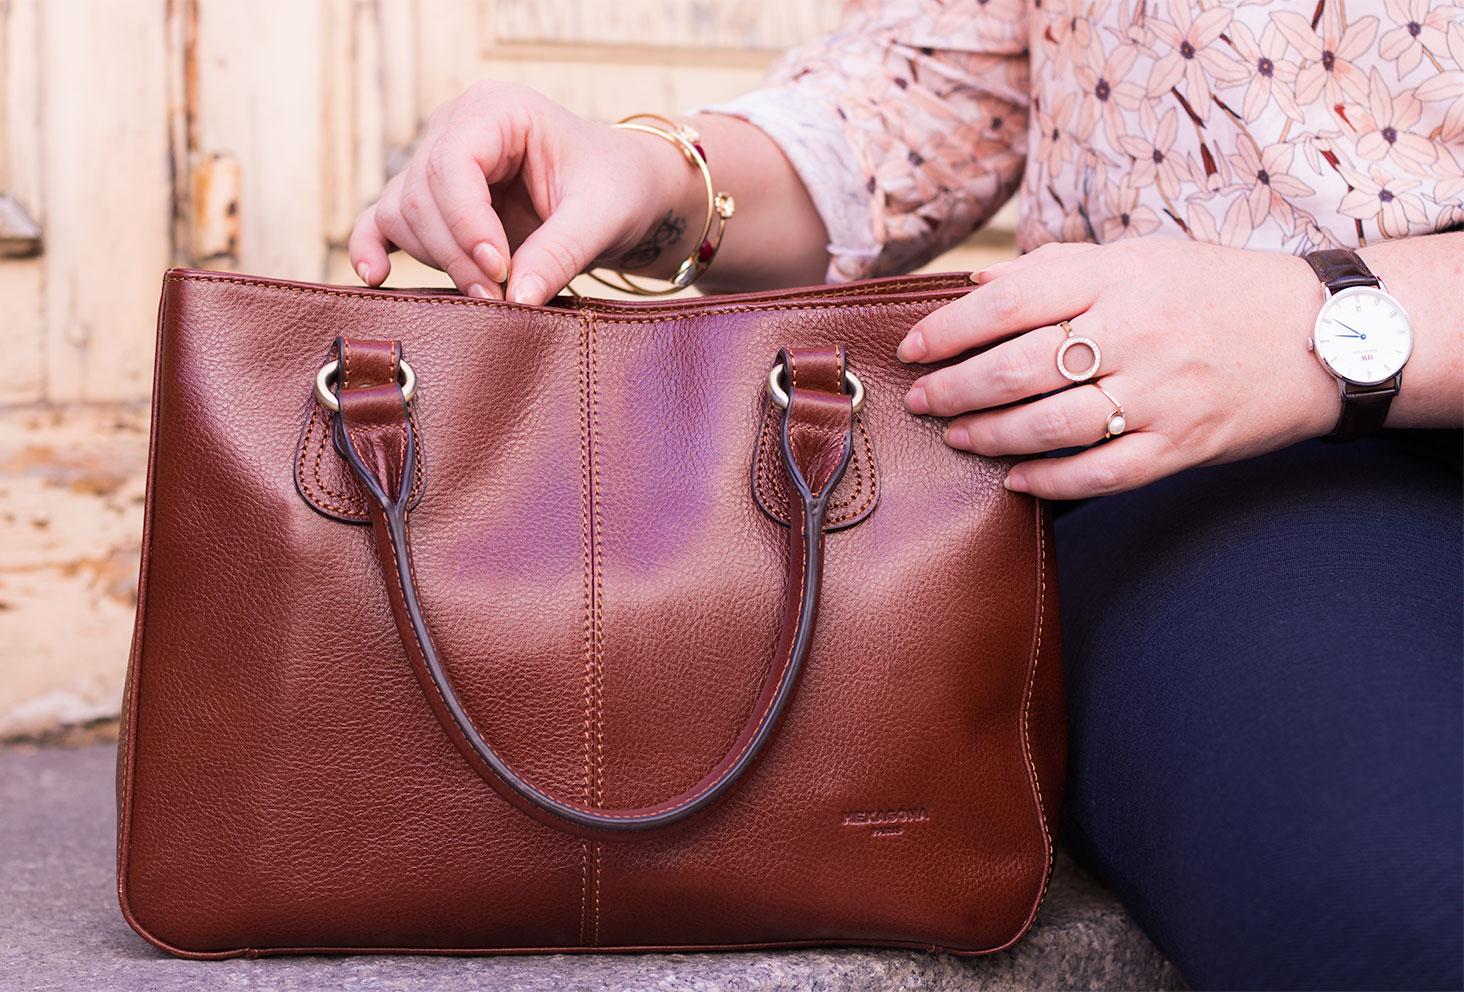 Zoom sur le sac marron en cuir Hexagona Paris posé sur des marches en pierre, les mains entrain d'ouvrir la fermeture